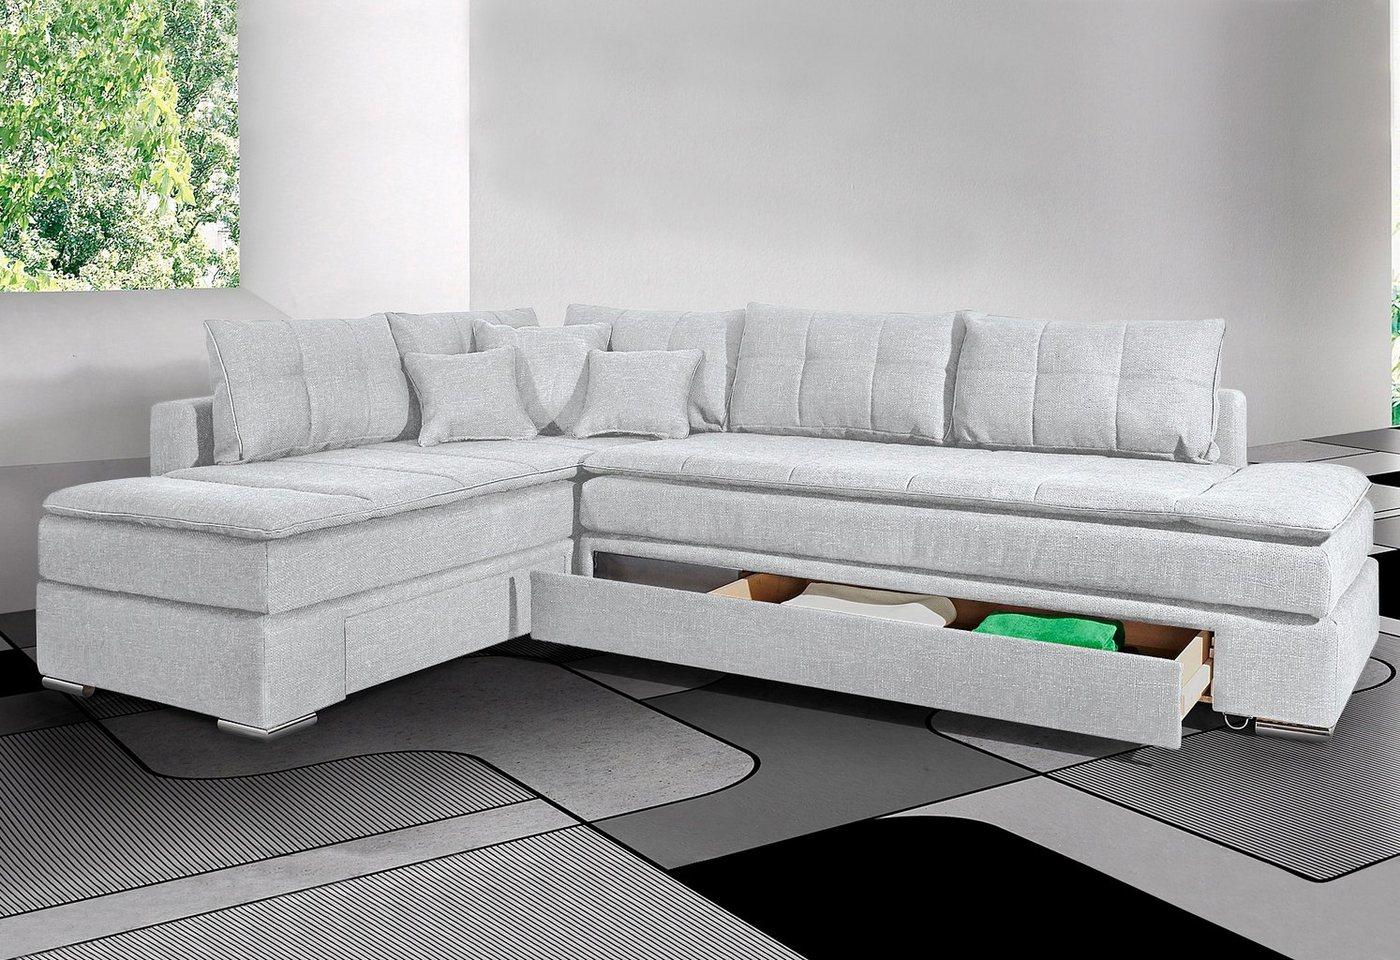 dauerschl fer sonstige machen sie den preisvergleich bei nextag. Black Bedroom Furniture Sets. Home Design Ideas